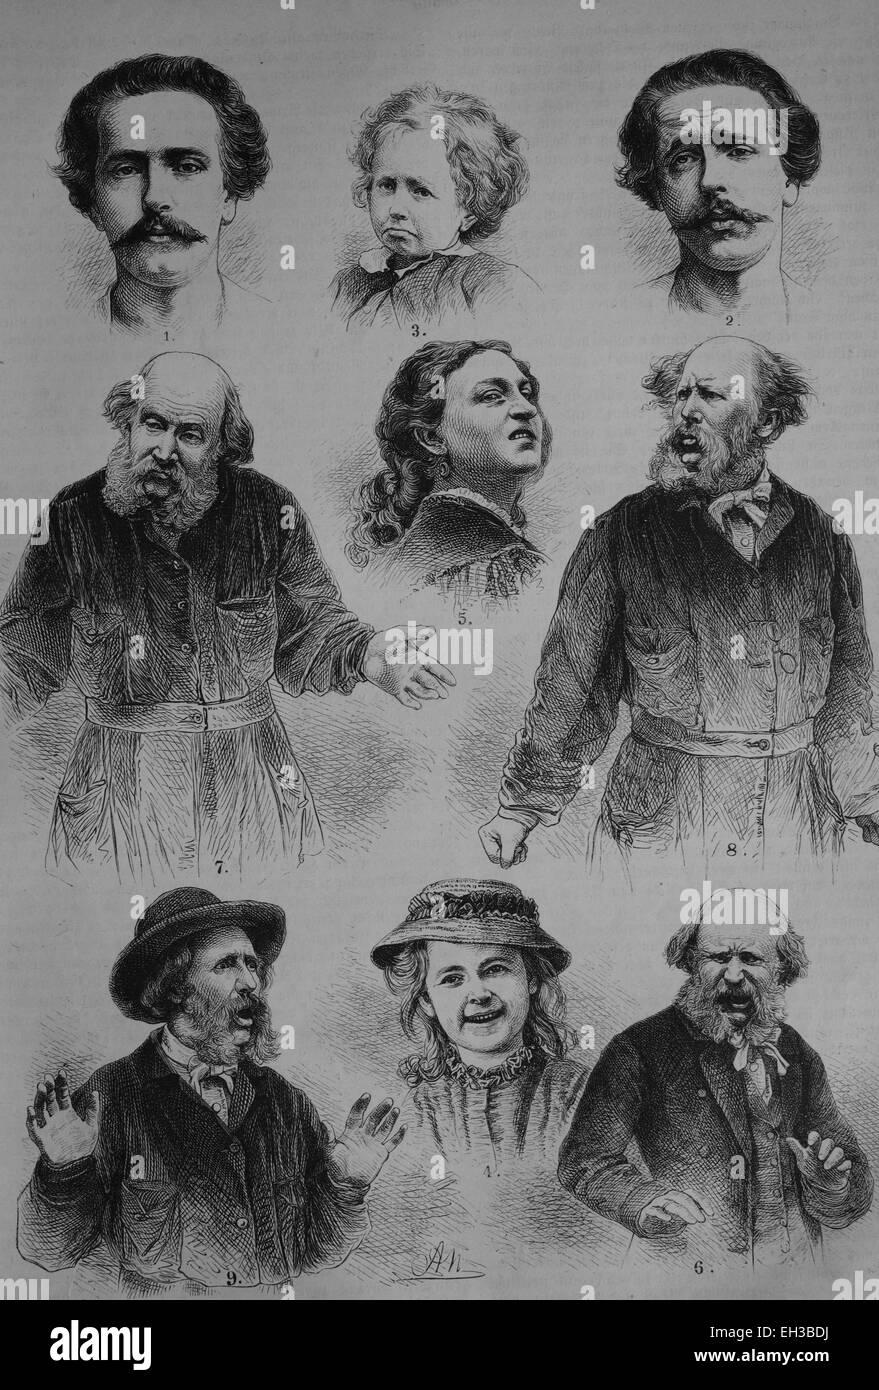 Le espressioni facciali umane, emozioni, incisione su legno, circa 1880 Immagini Stock